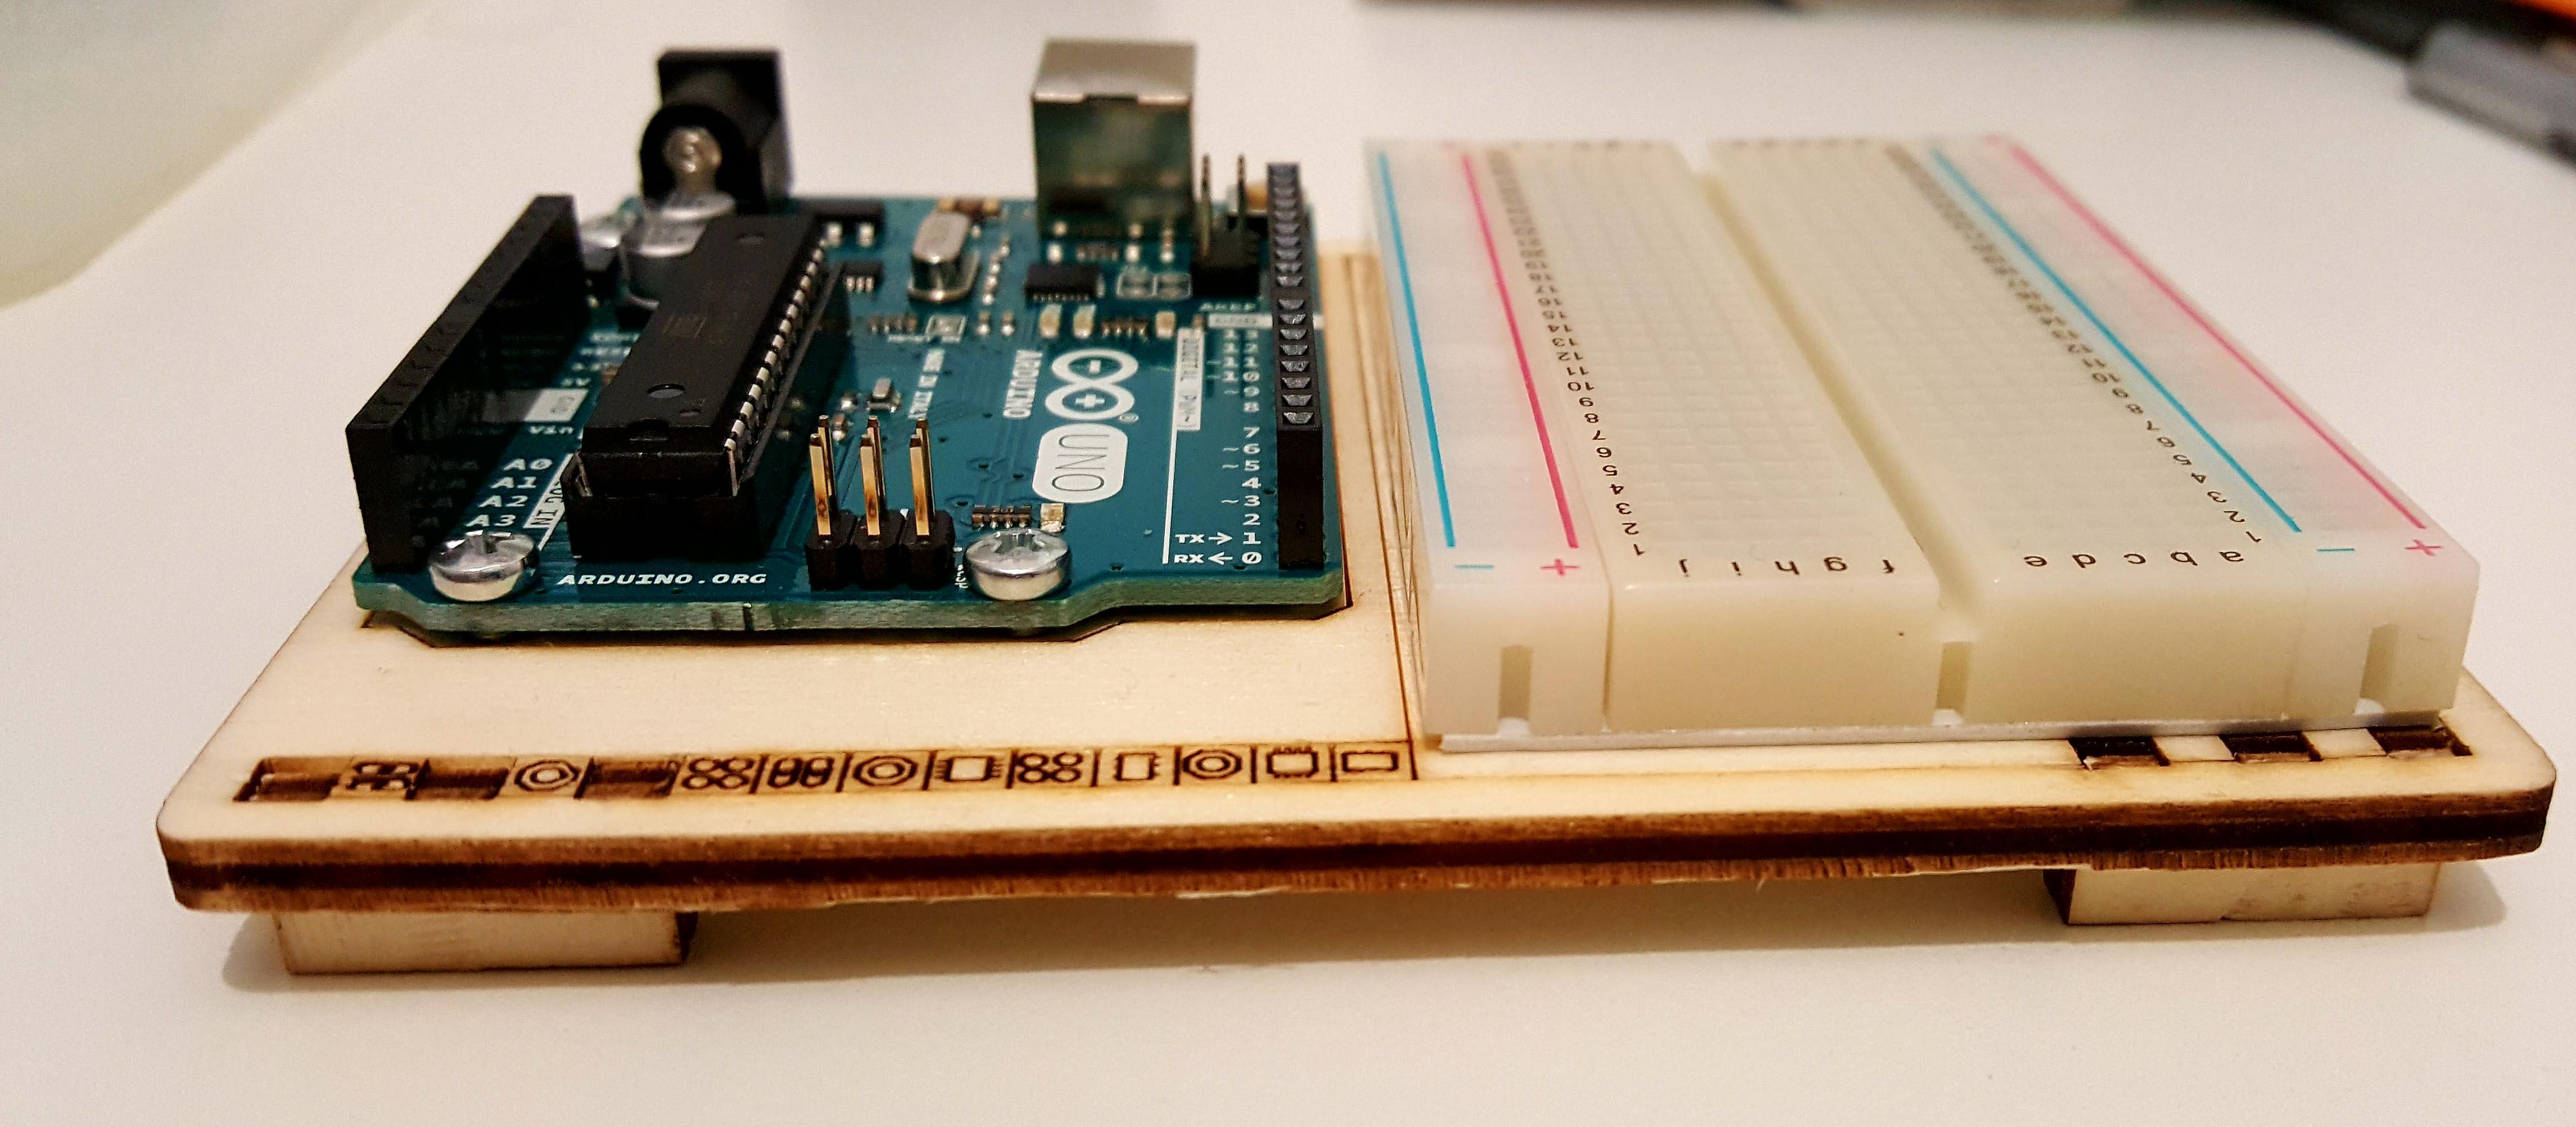 Figura 3: Visuale della basetta di legno con arduino e la breadboard